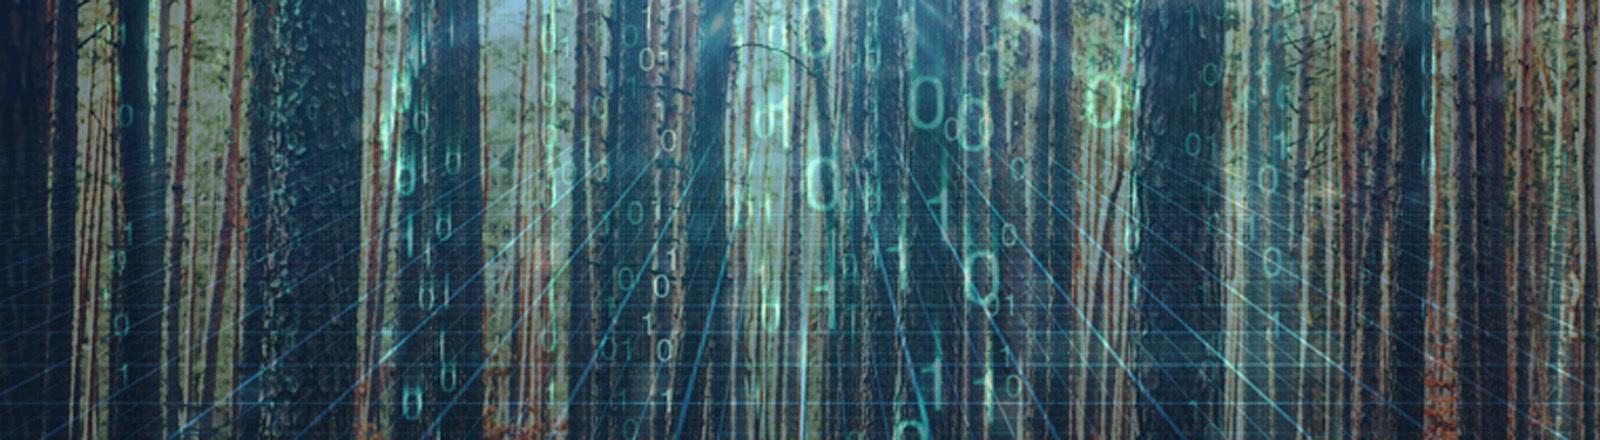 Wald überlappt mit Internetcodes